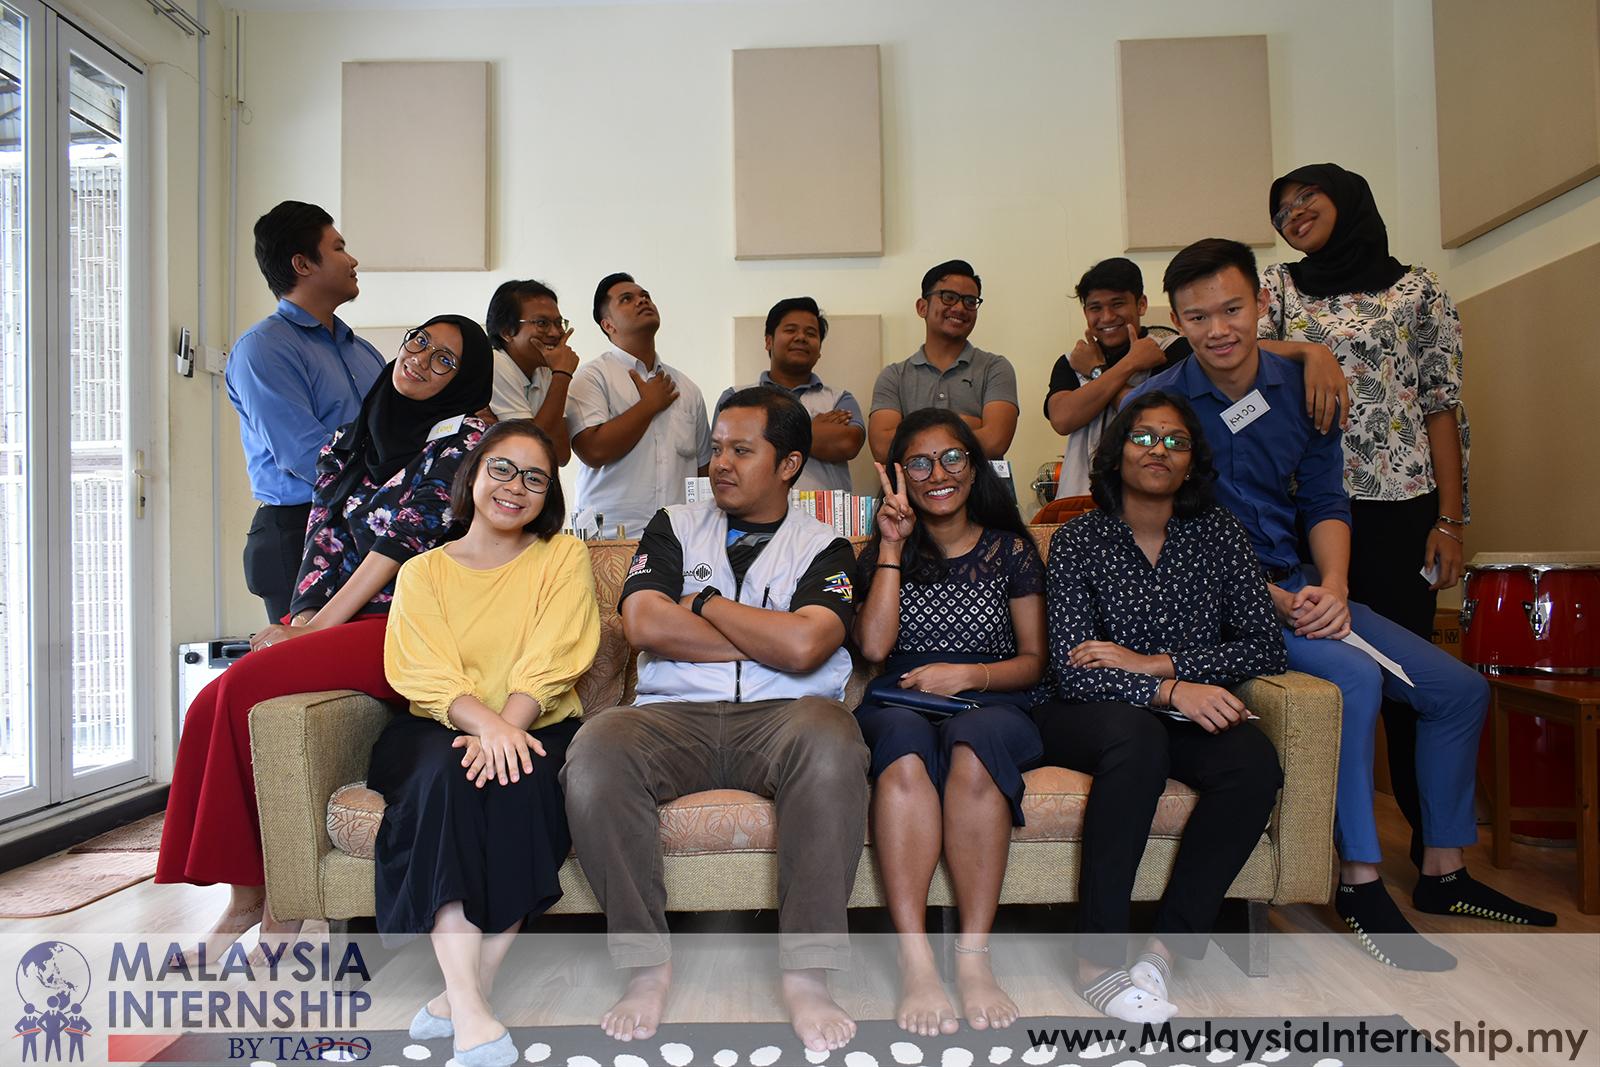 Visit KHAN Studio - 05/03/2019